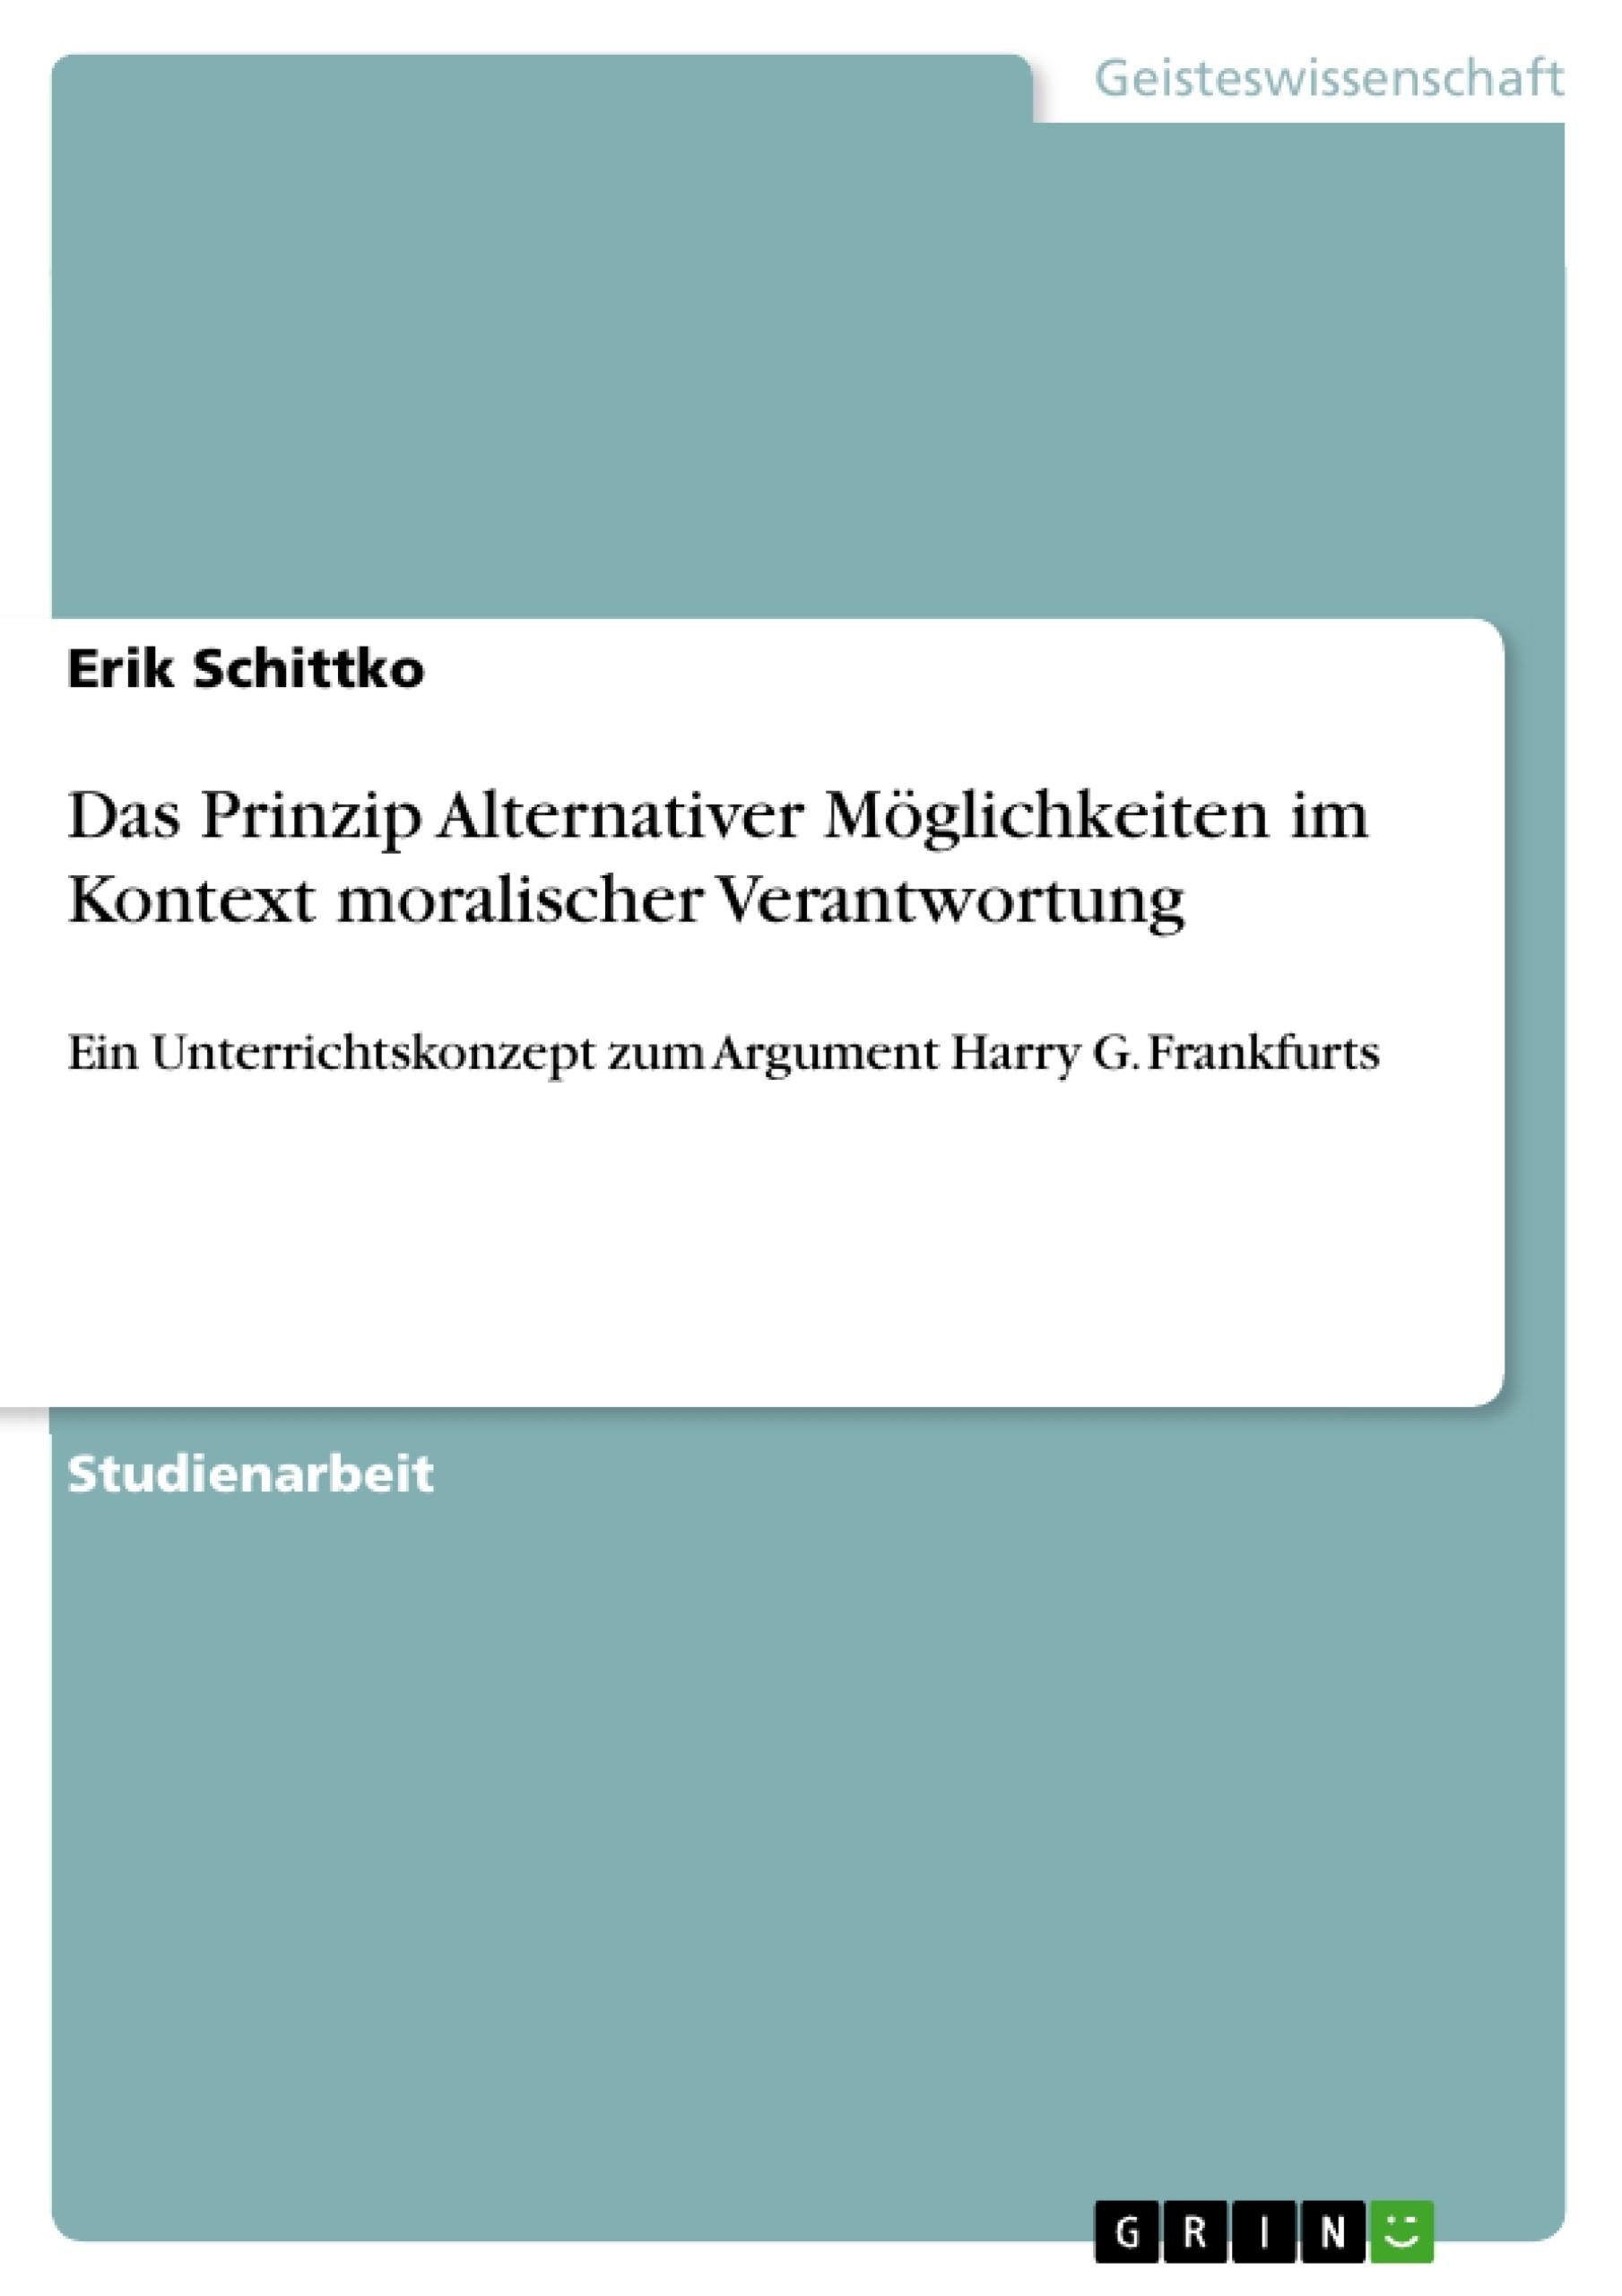 Titel: Das Prinzip Alternativer Möglichkeiten im Kontext moralischer Verantwortung